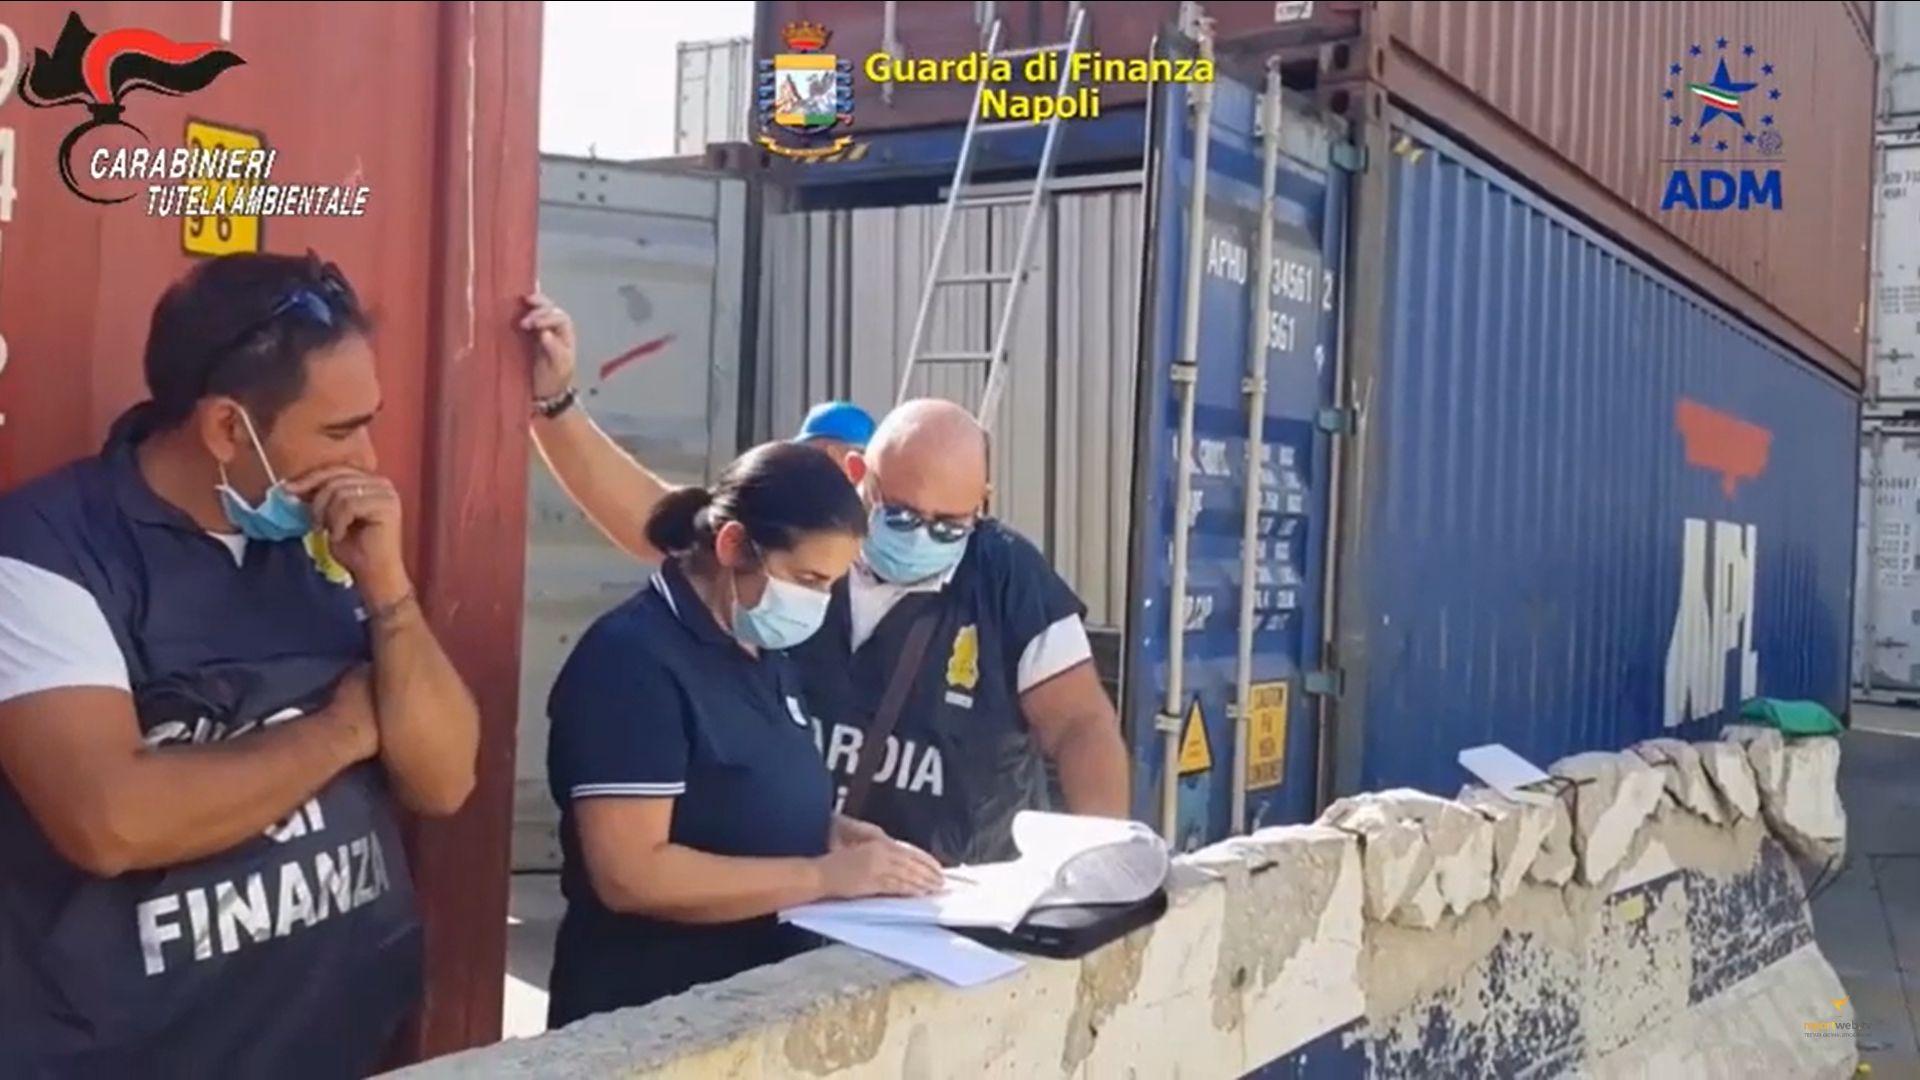 Porto di Napoli, Sequestrati 10mila pannelli fotovoltaici dismessi destinati in Africa